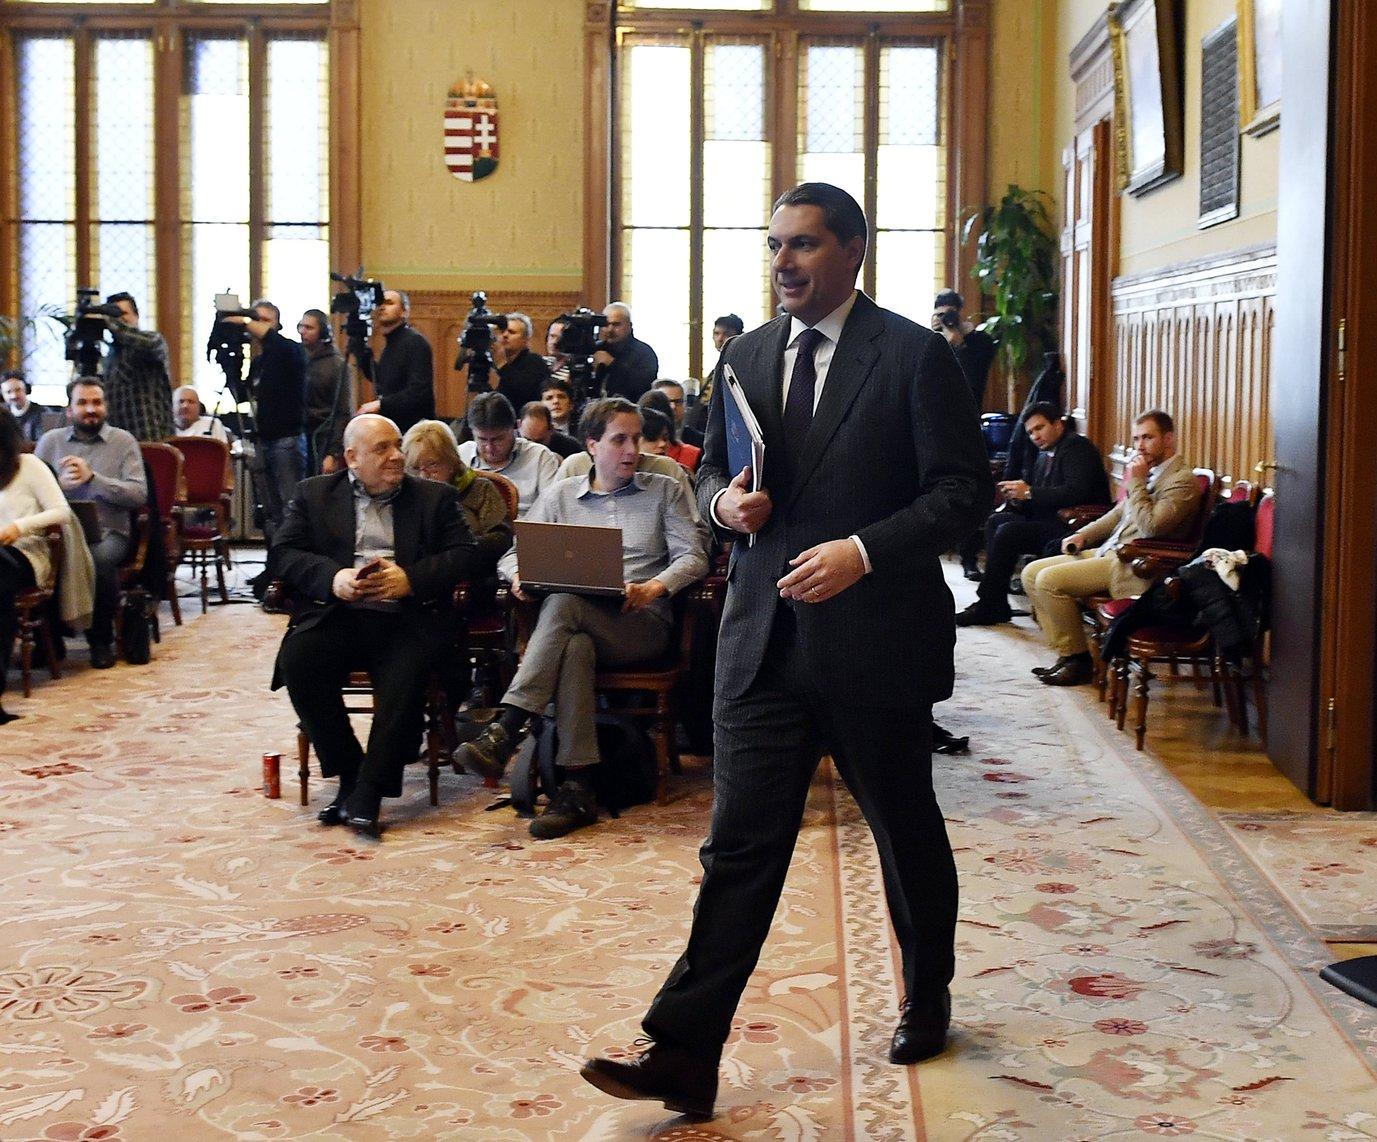 Lázár János, a Miniszterelnökséget vezető miniszter érkezik szokásos heti sajtótájékoztatójára, az Országházban 2017. február 16-án. MTI Fotó: Illyés Tibor